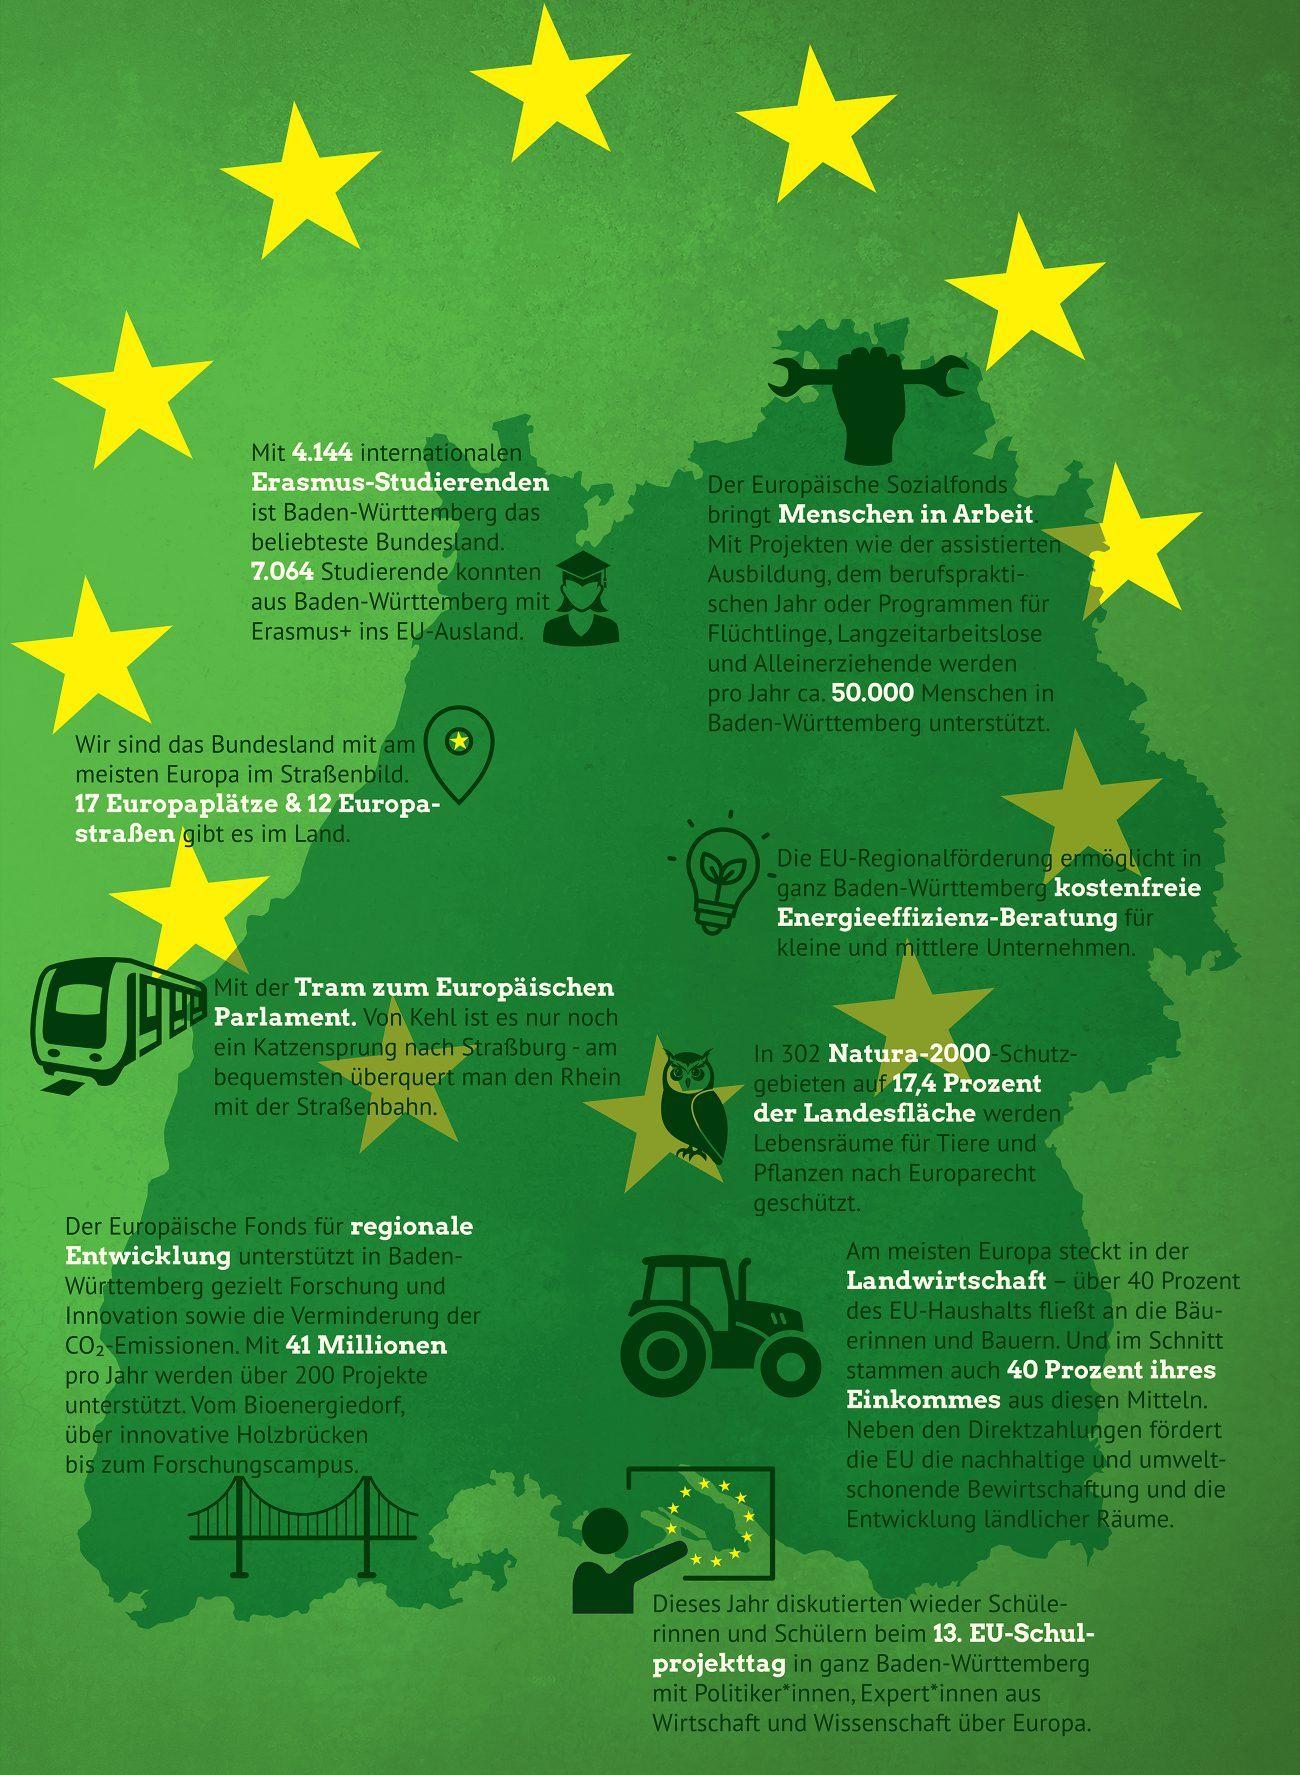 Infografik: Hier ist Europa zuhause